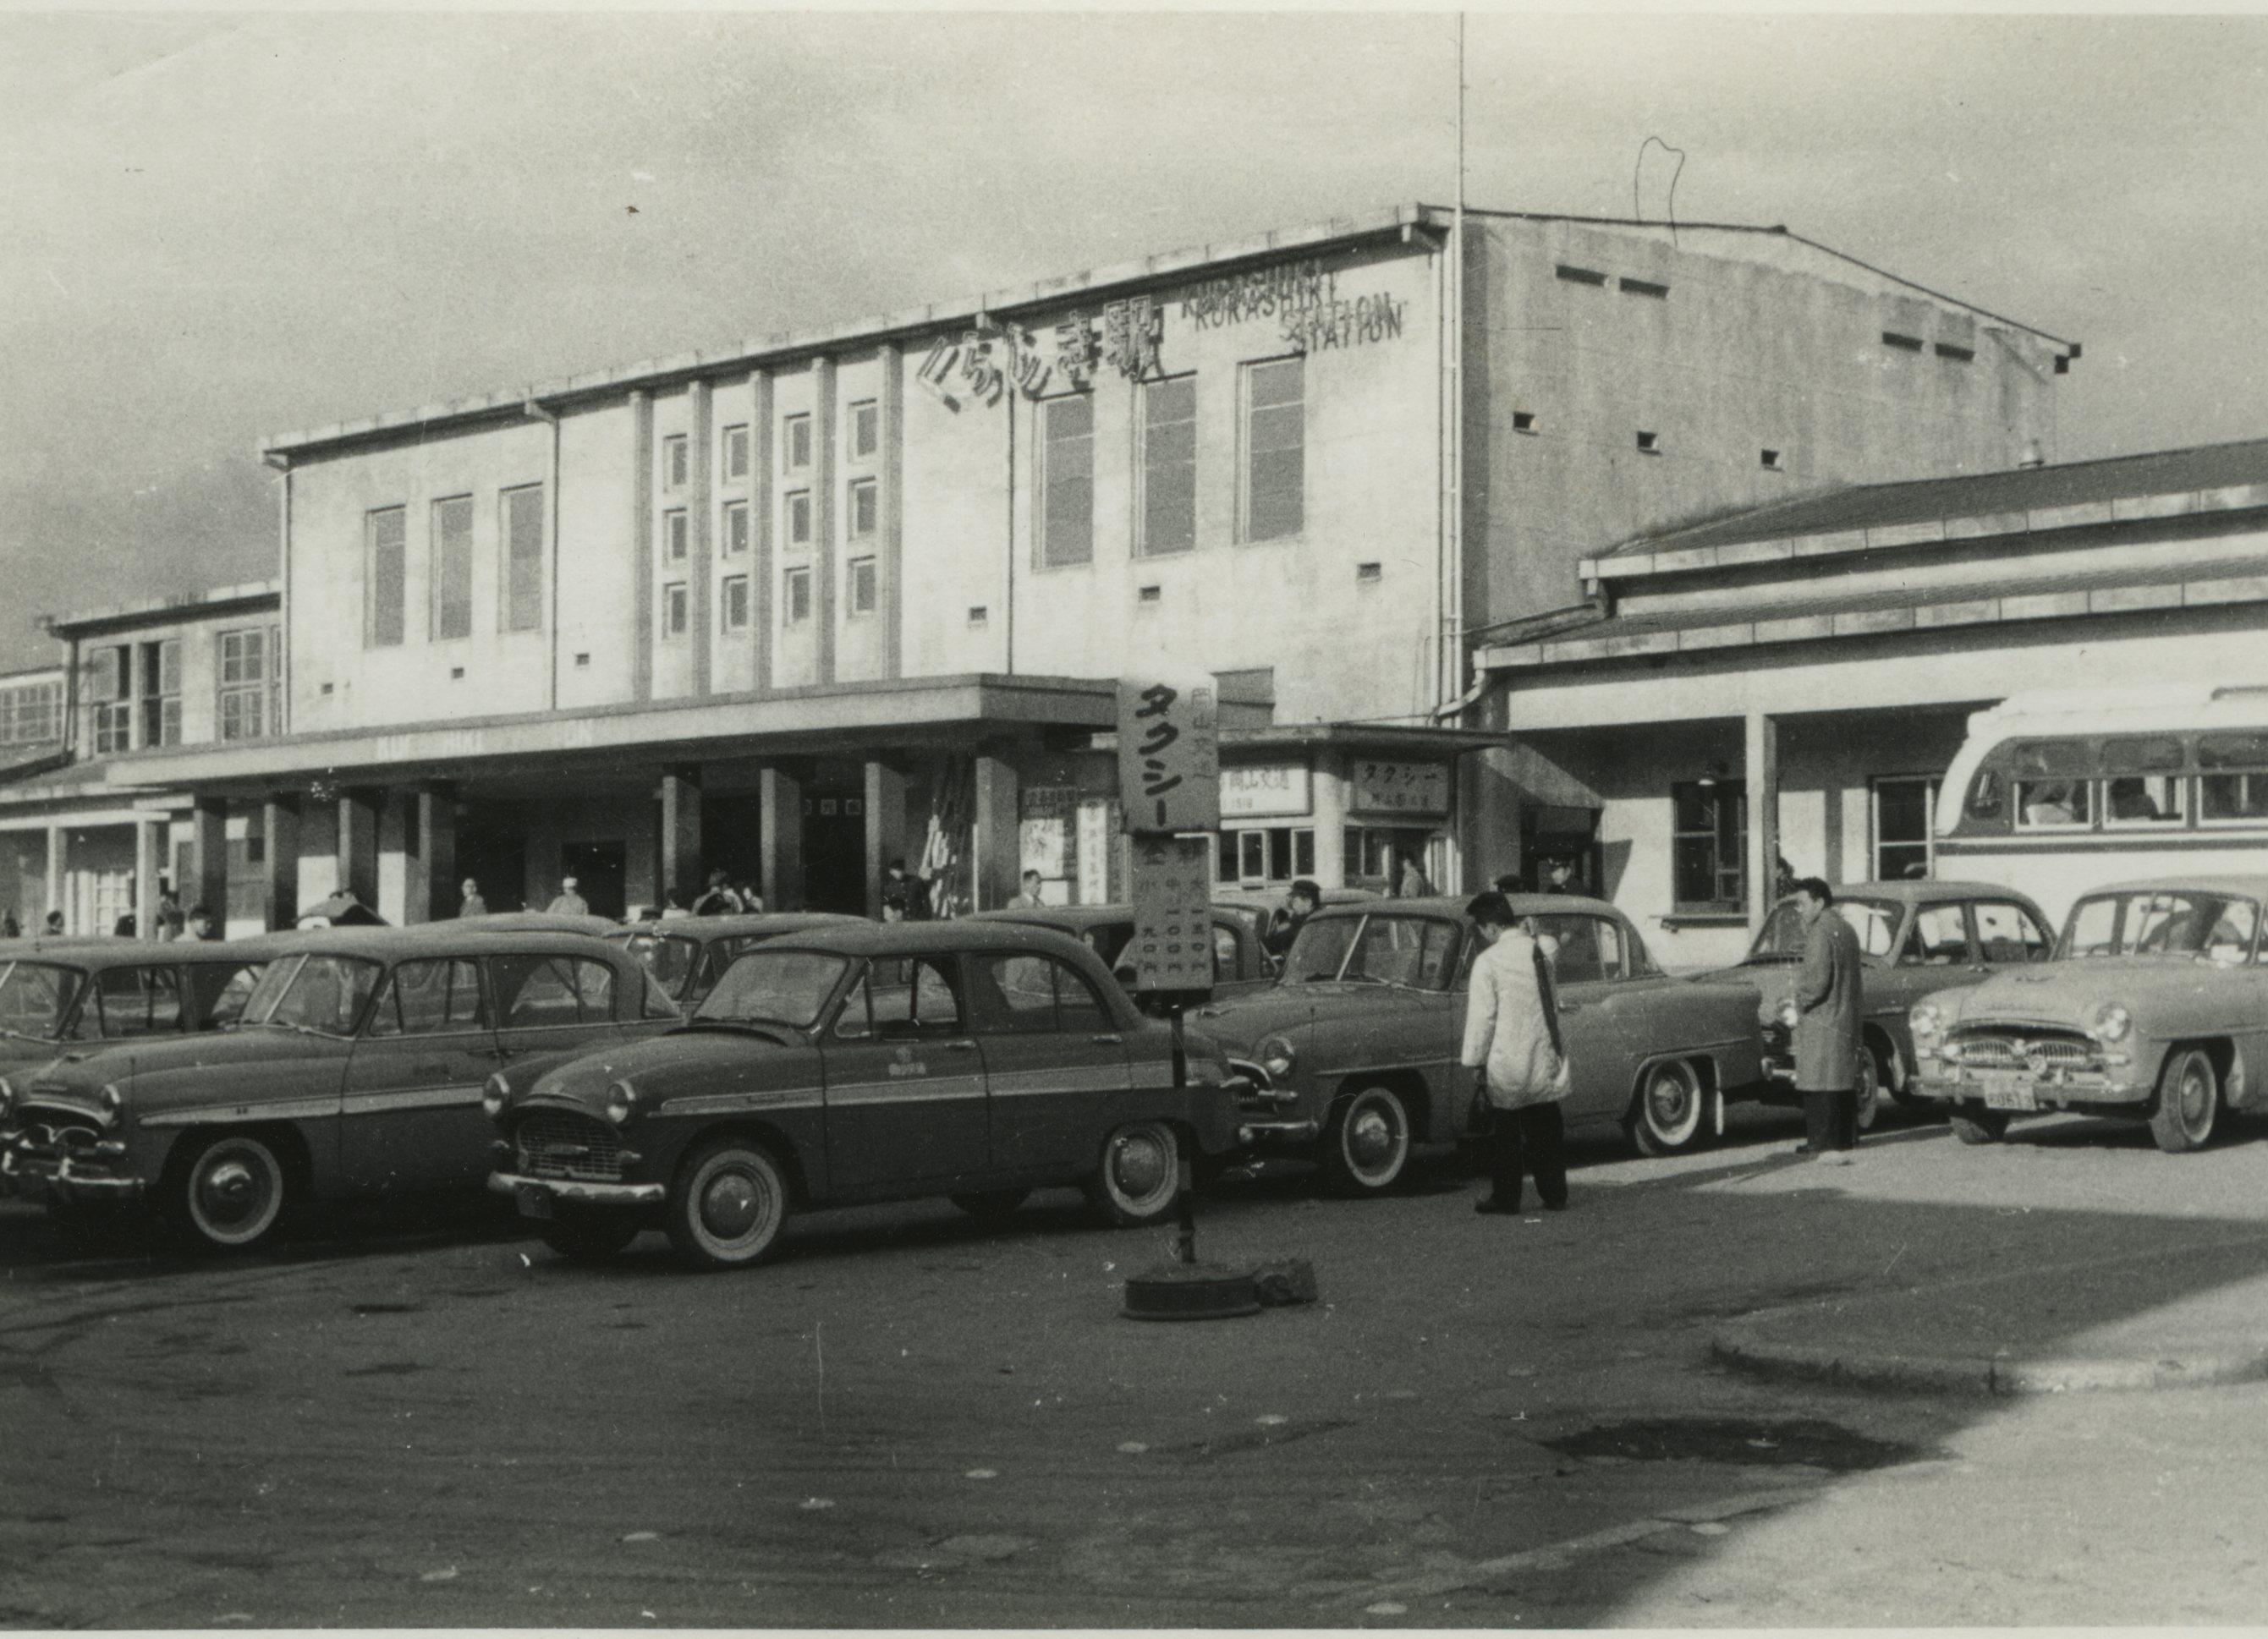 NAVER まとめ昭和の風景 昭和30年代